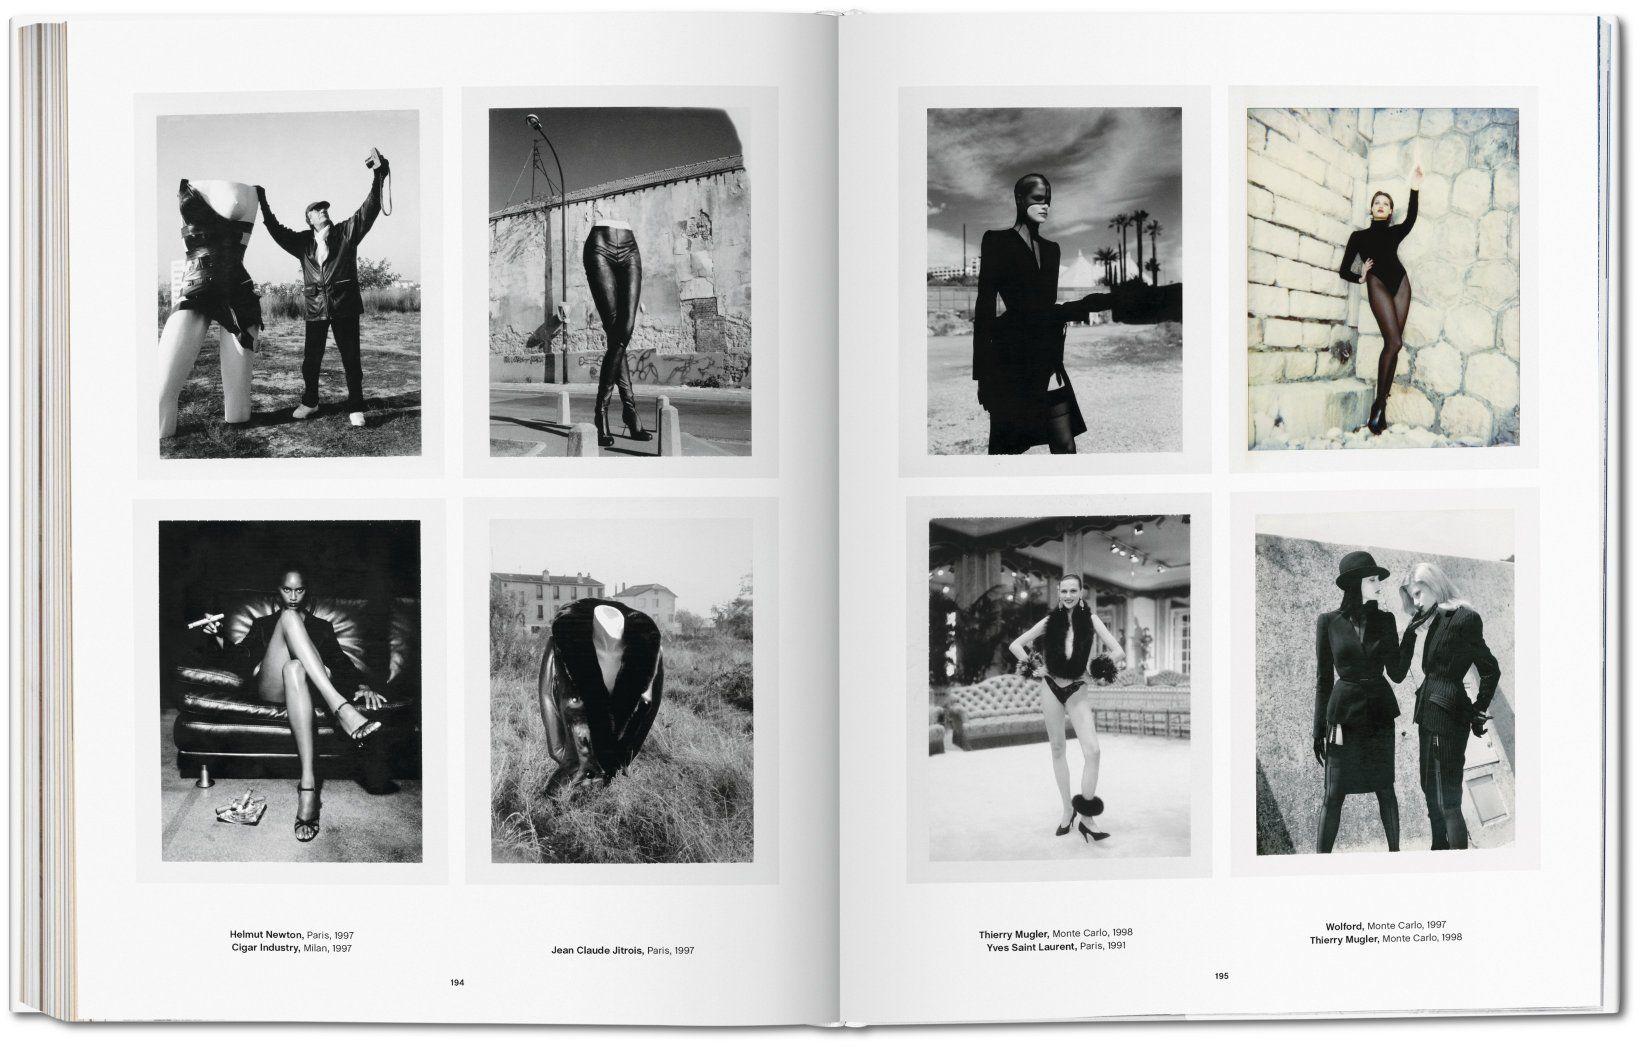 Helmut Newton. Polaroids. Gallery. TASCHEN Books